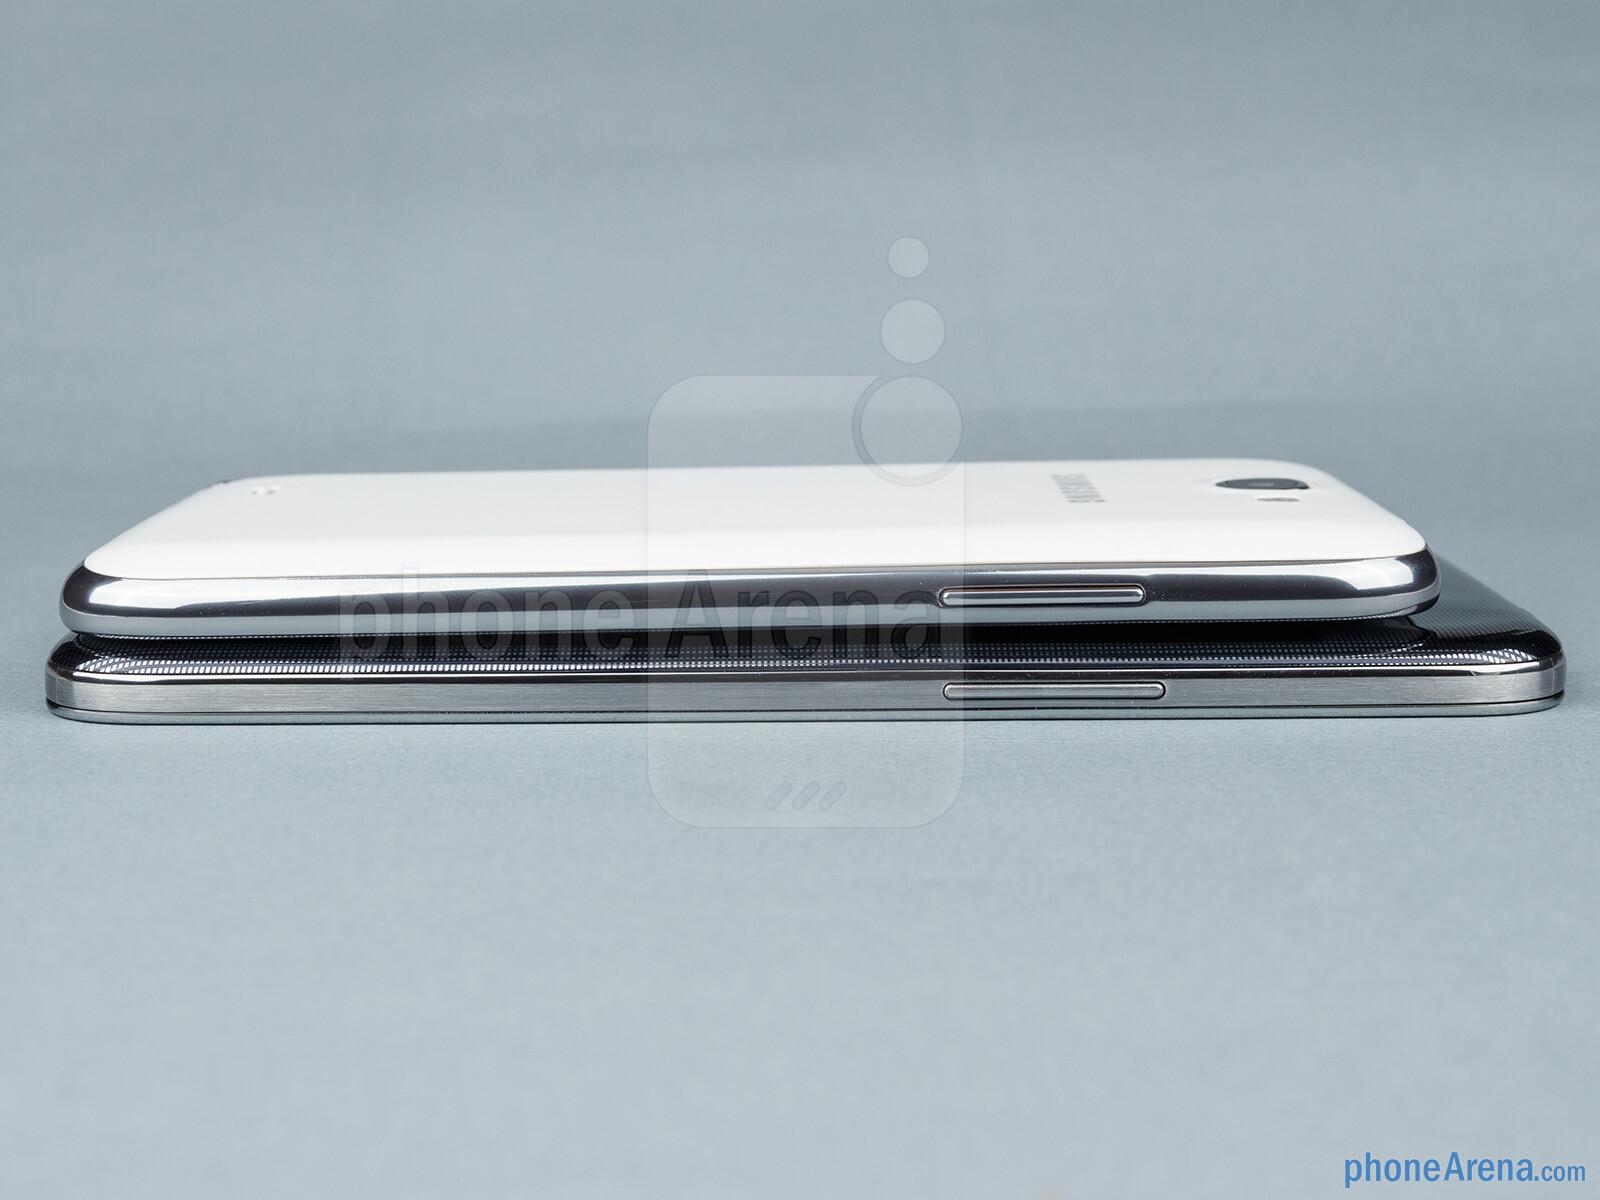 Samsung Galaxy Mega Vs Ipad Mini